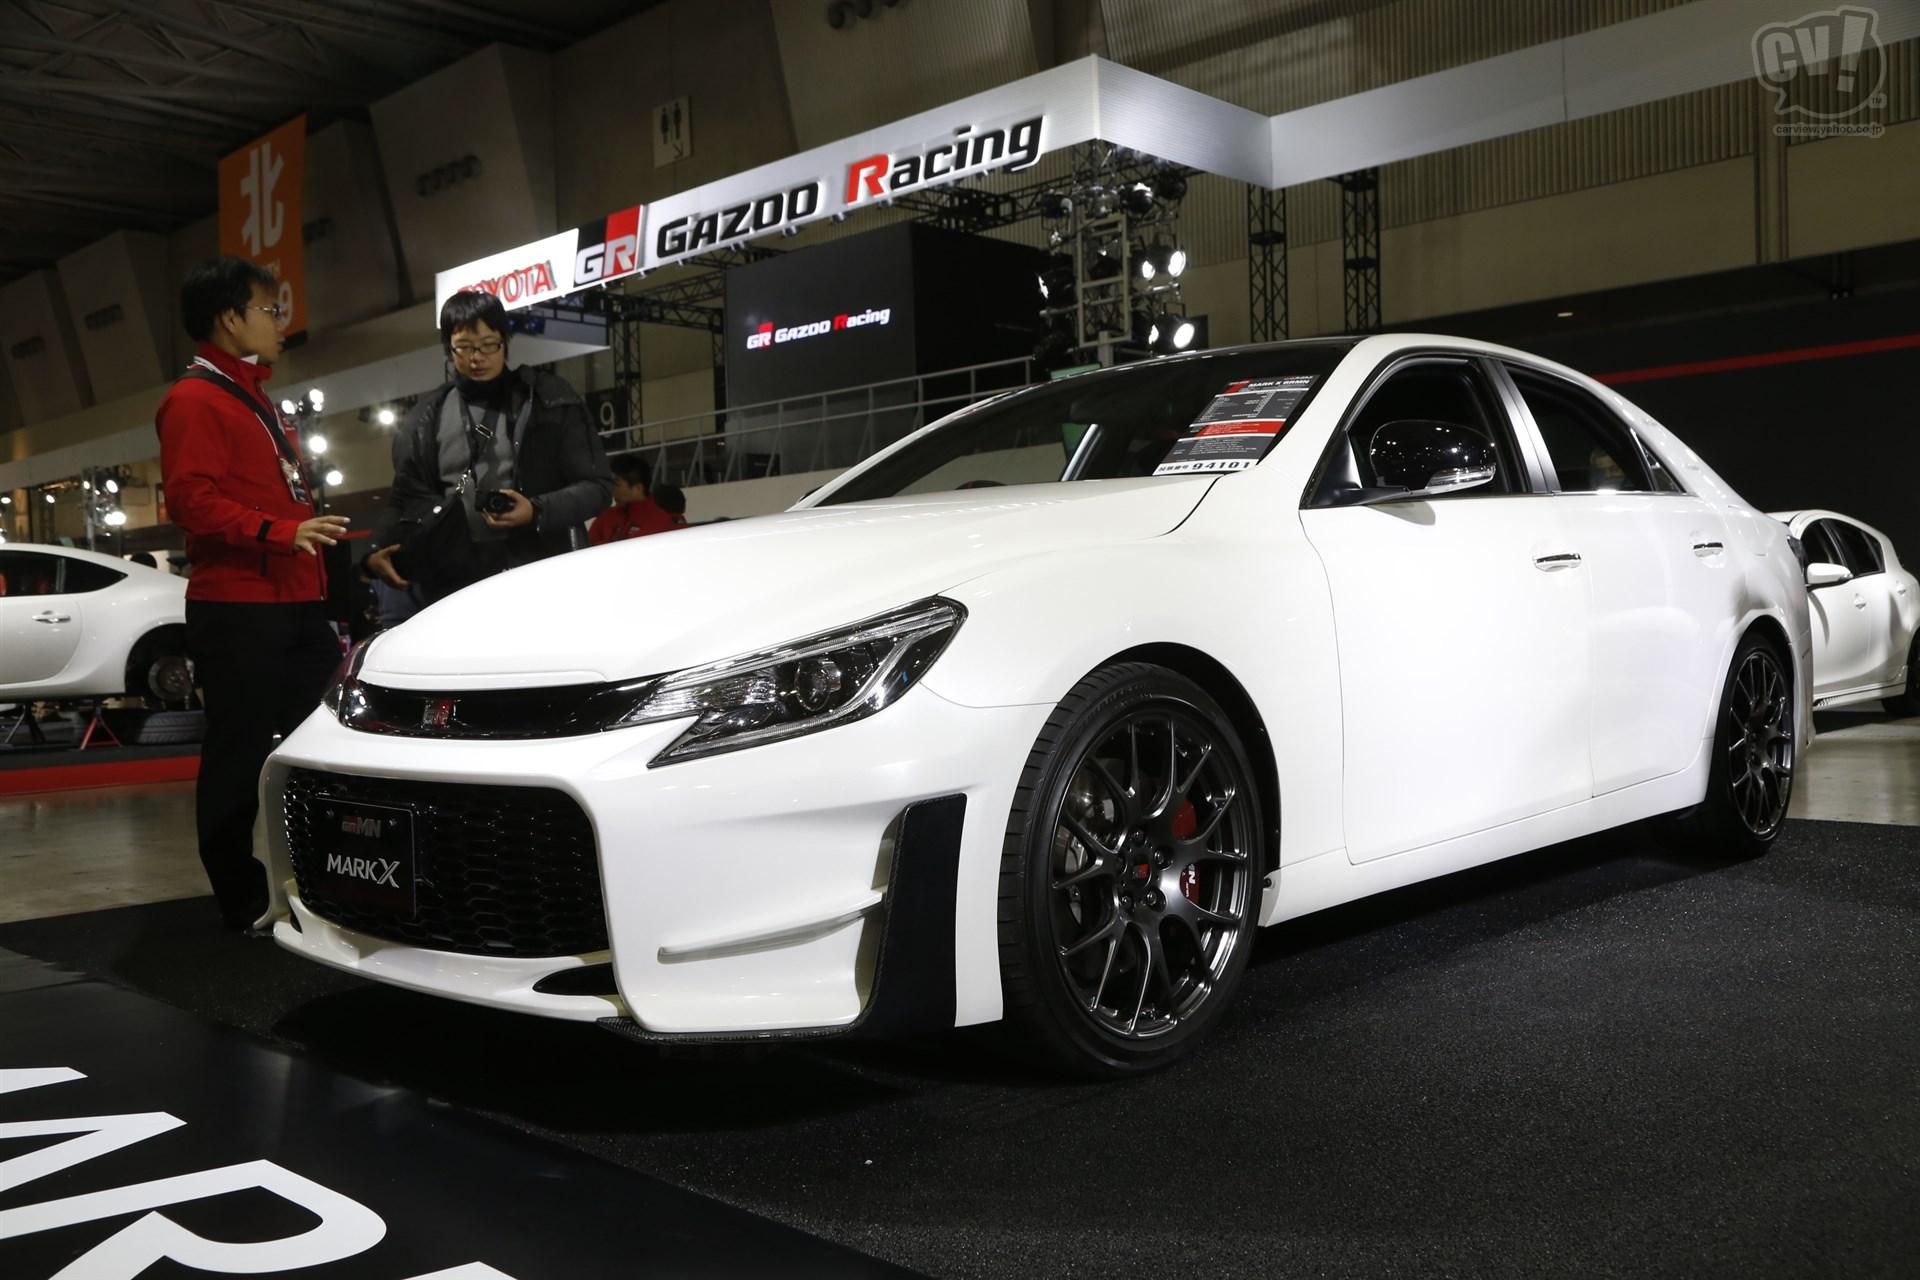 トヨタ/gazoo Racing マークx Grmn 東京オートサロン2015 Carview 自動車